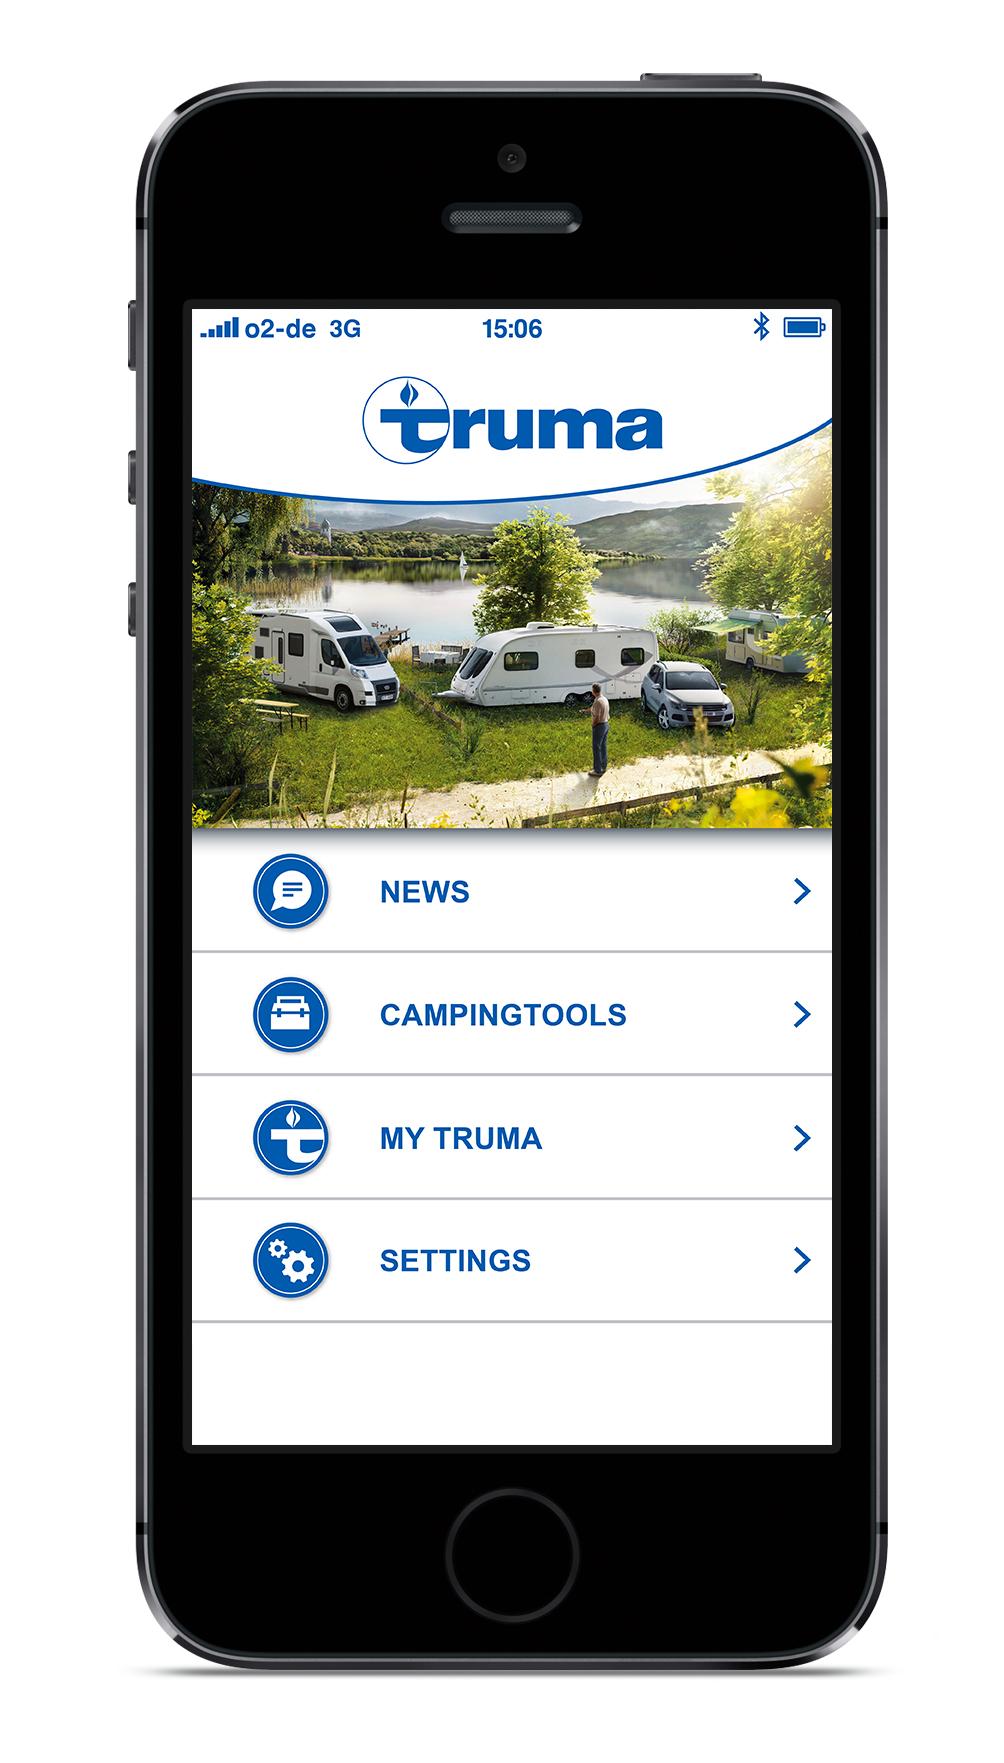 Truma_App_Startscreen